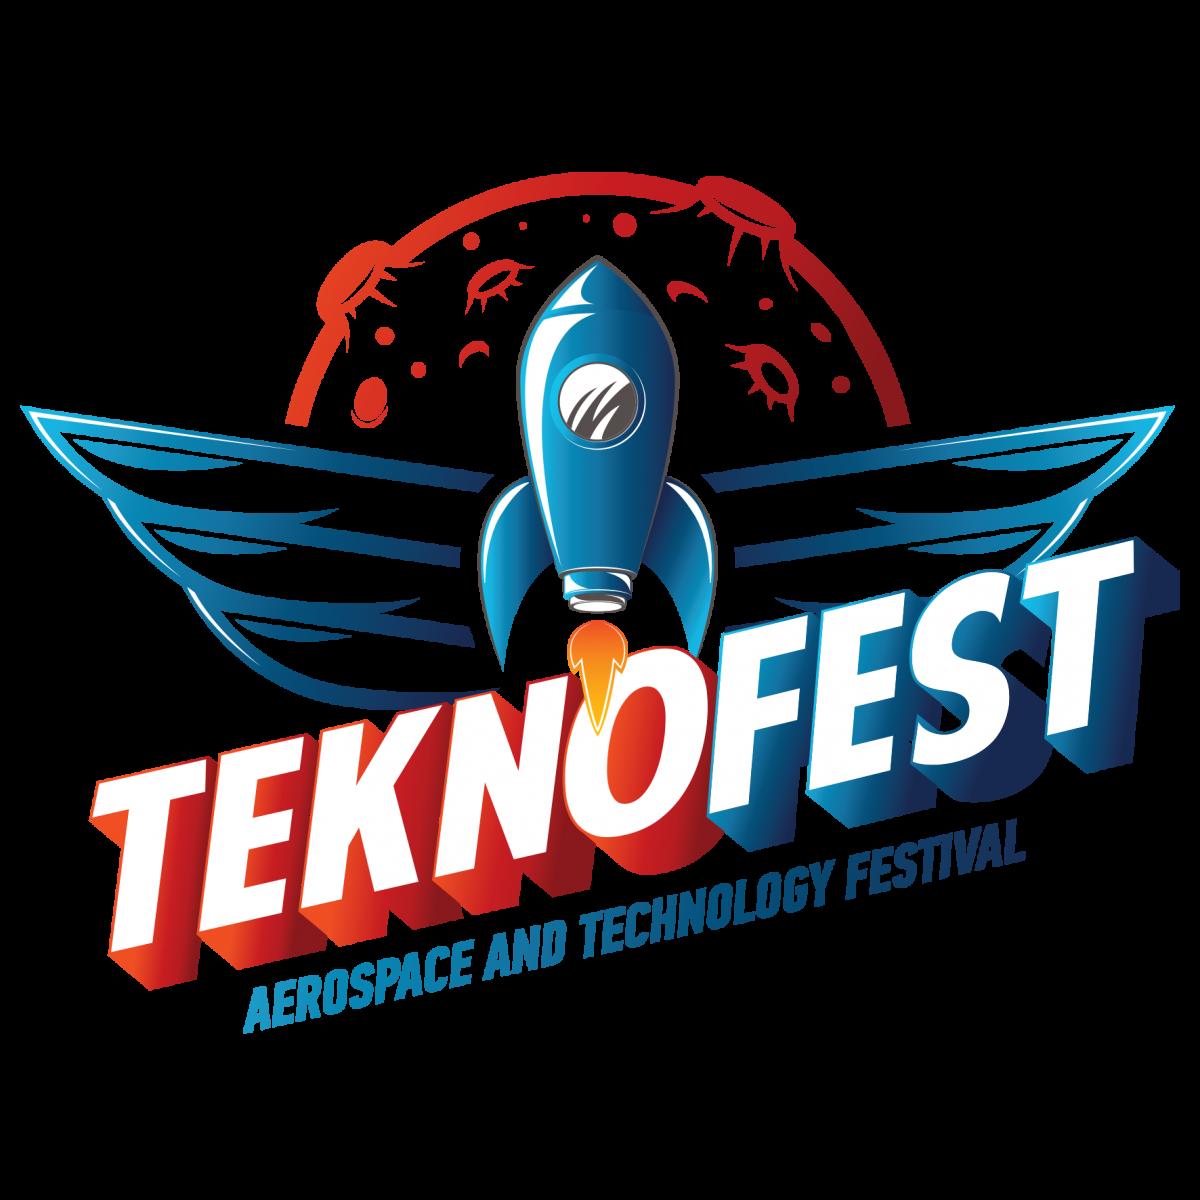 Фестиваль, посвященный авиации, космосу и технологиям «Технофест-2021»